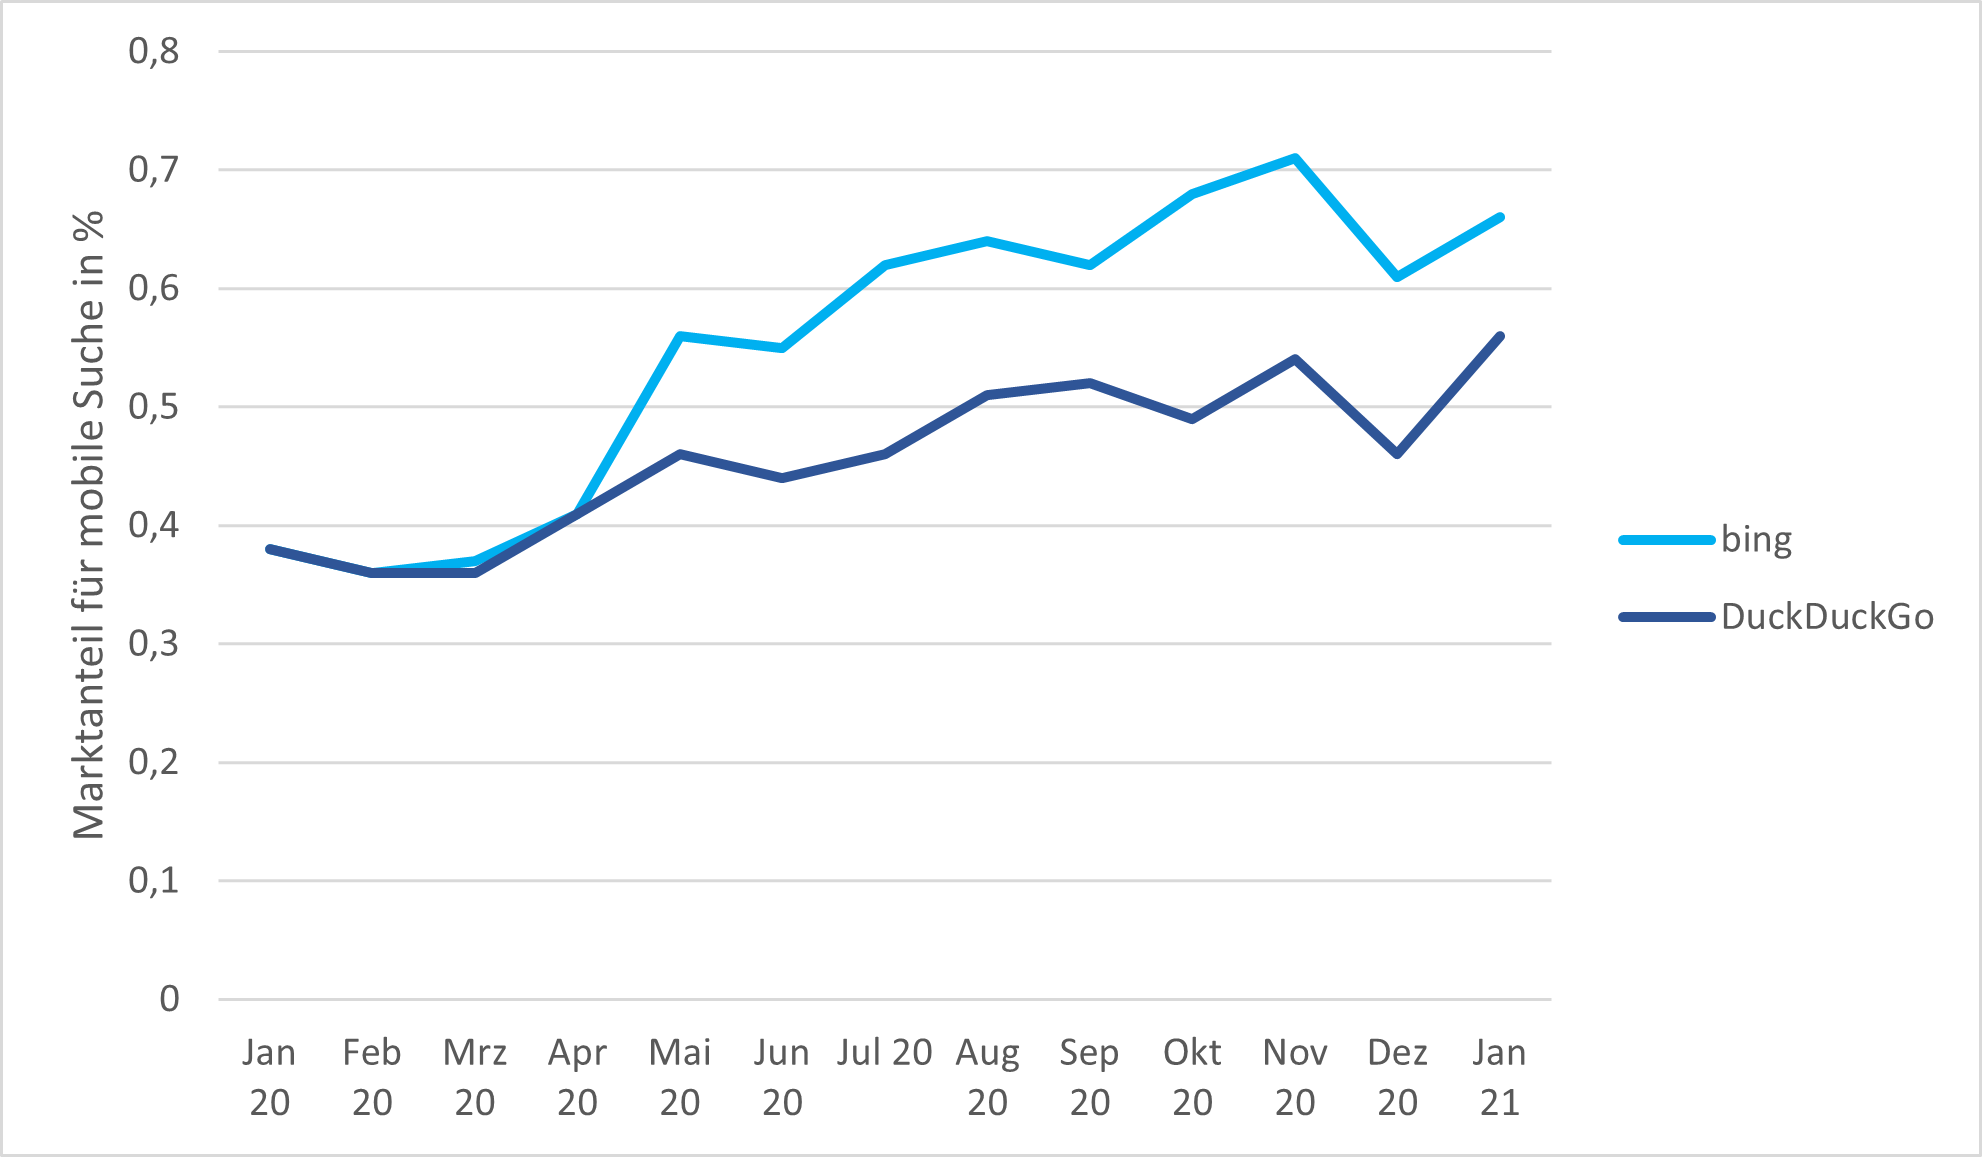 Marktanteil für die mobile Suche von bing und DuckDuckGo für die letzten 13 Monate